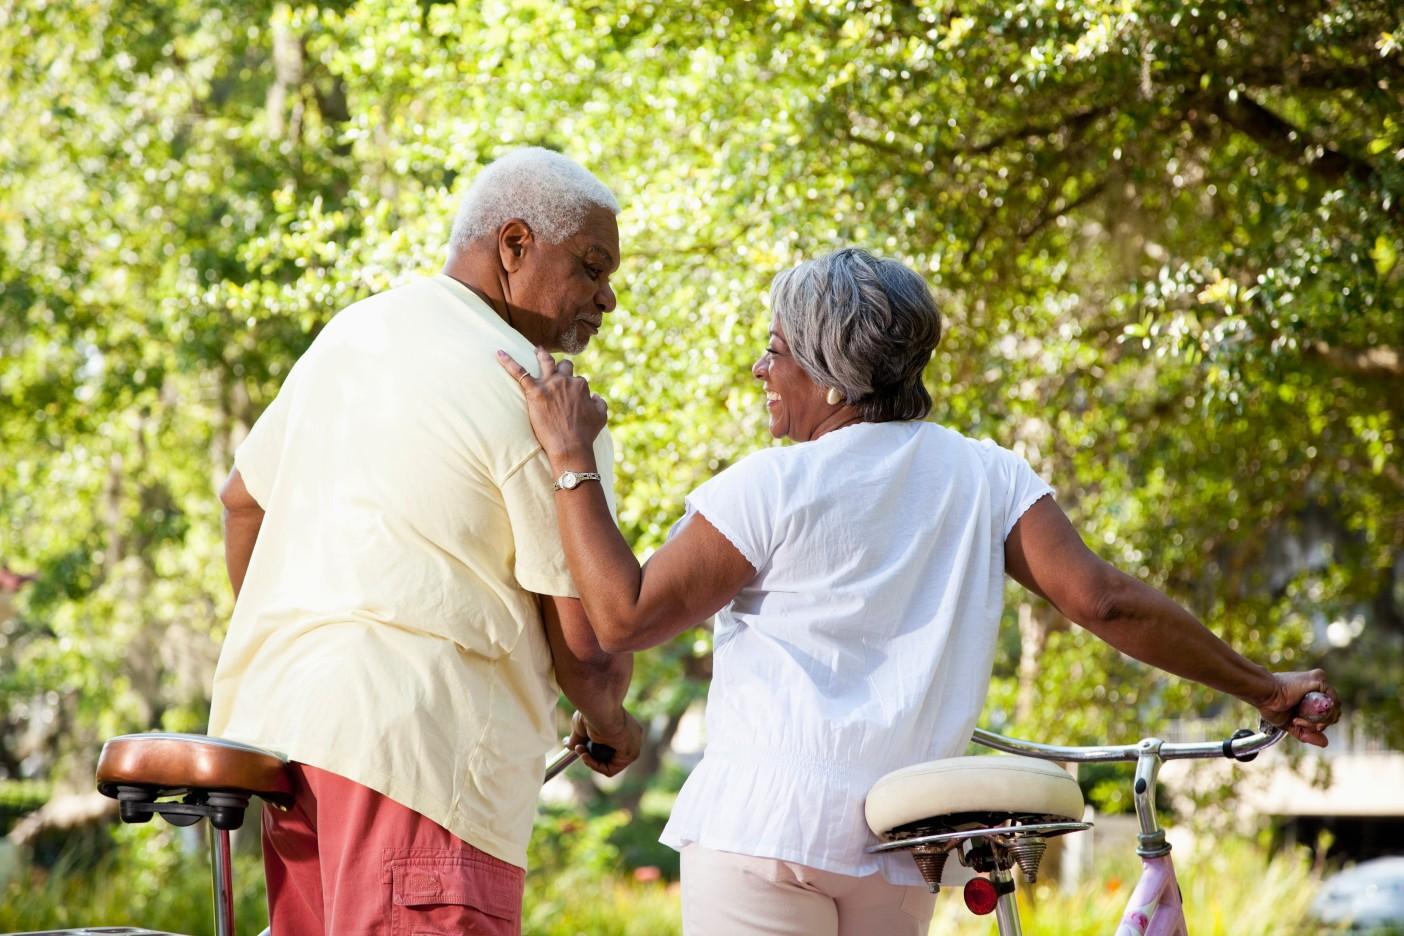 melyik hipertónia elleni gyógyszer jobb magas vérnyomás tüneteivel